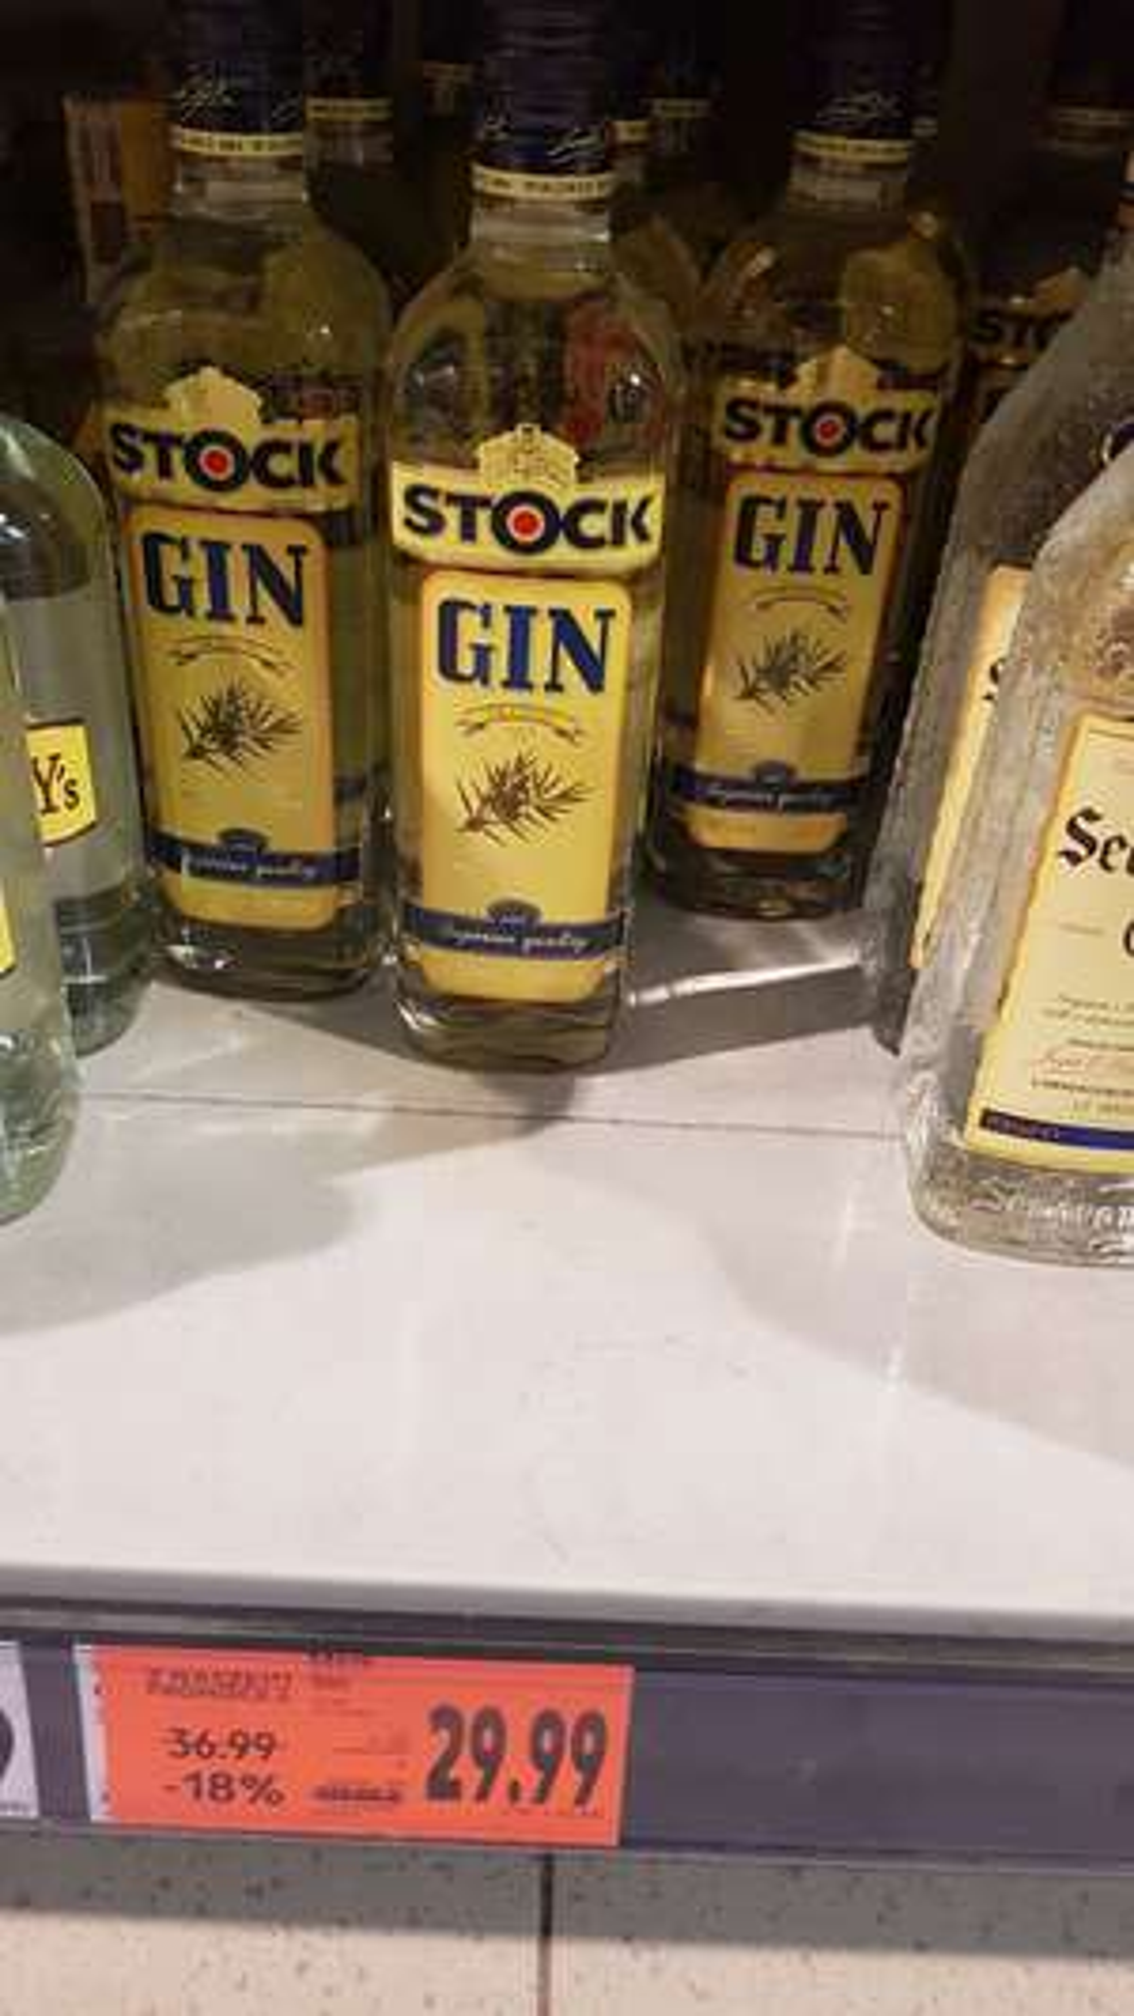 Stock gin 0.7l. Kaufland